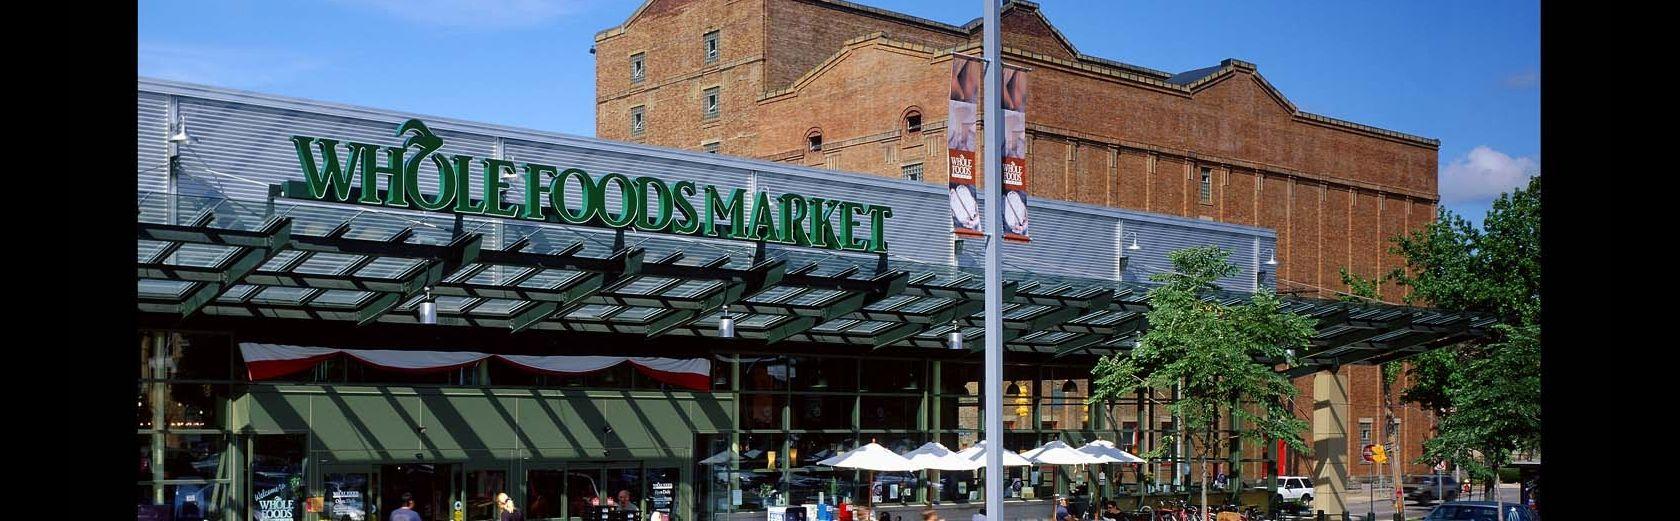 Aundra Edwards Foods Market Market! Whole foods market